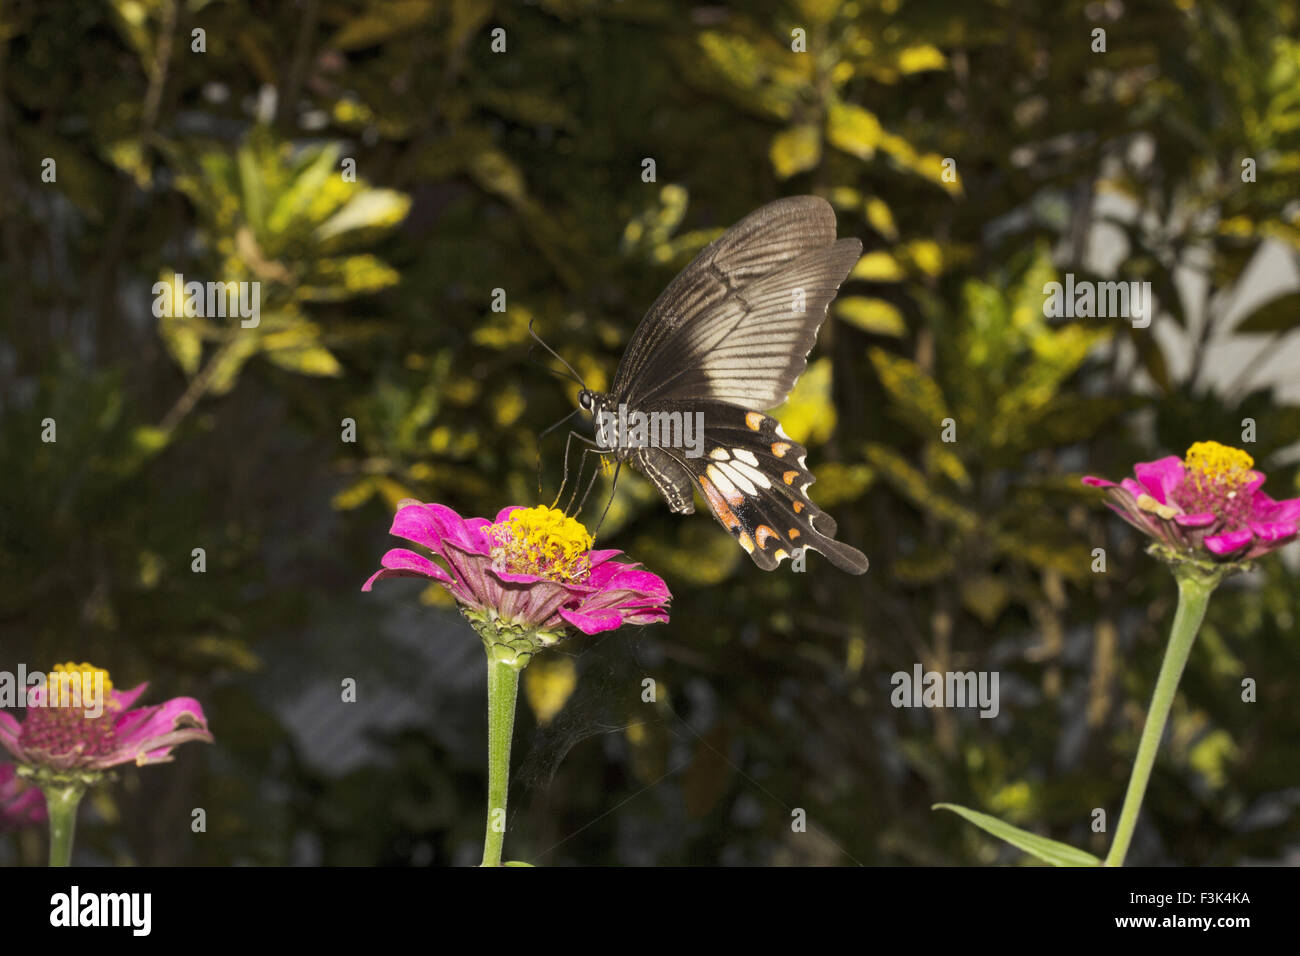 Common Mormon, Papilio sp, Papilionidae, Jampue hills, Tripura , India - Stock Image